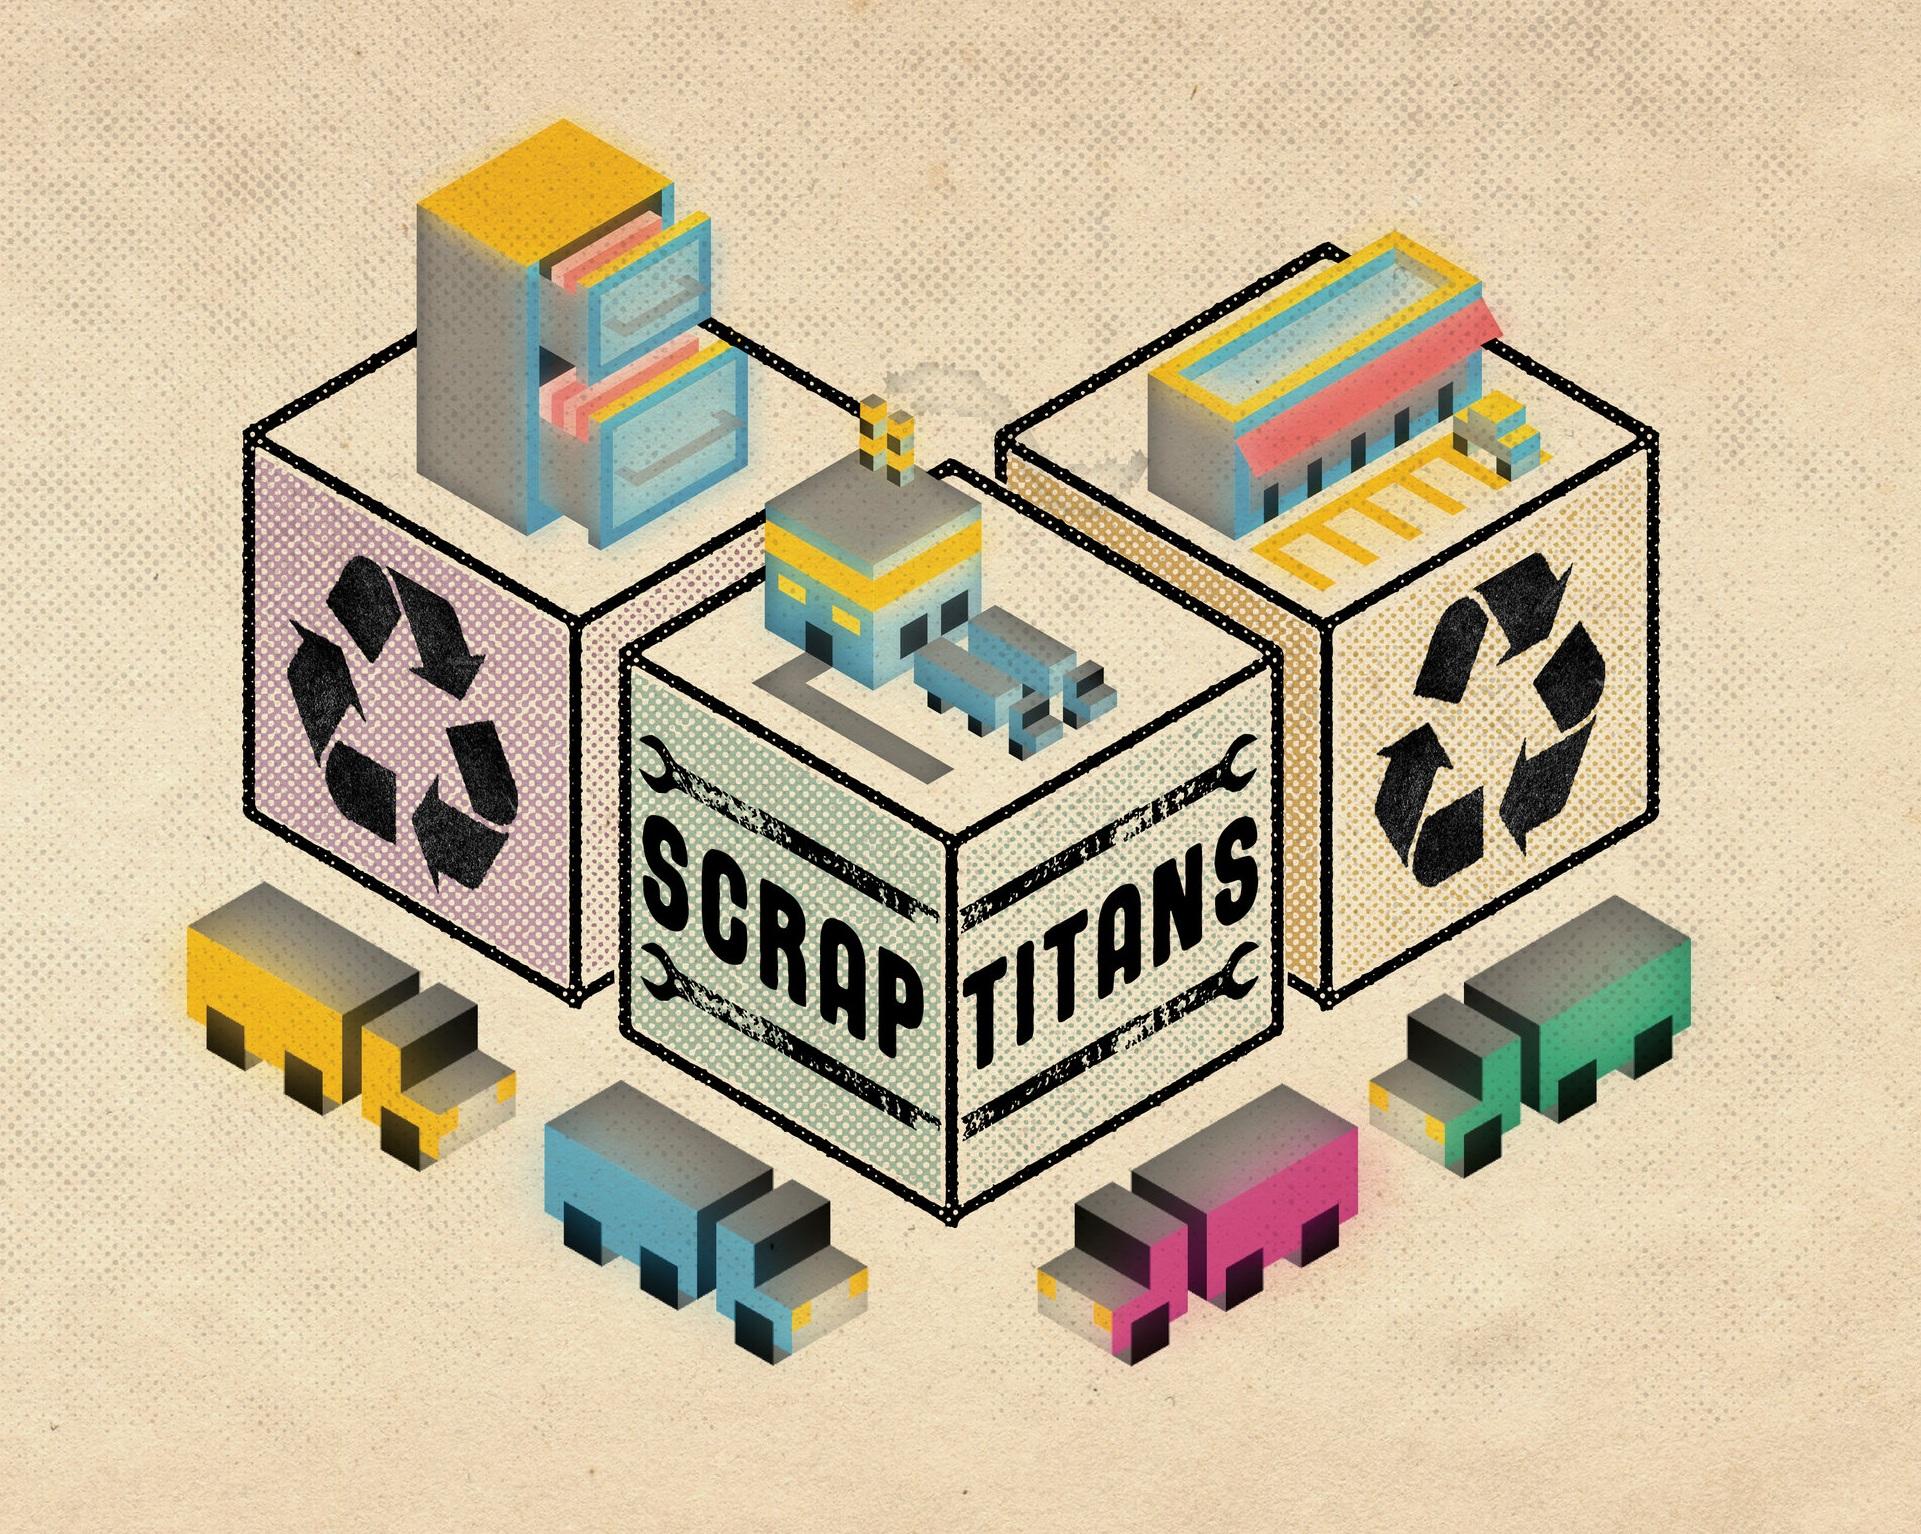 Scrap+Titans+Box+Art+v2+-+Front.jpg